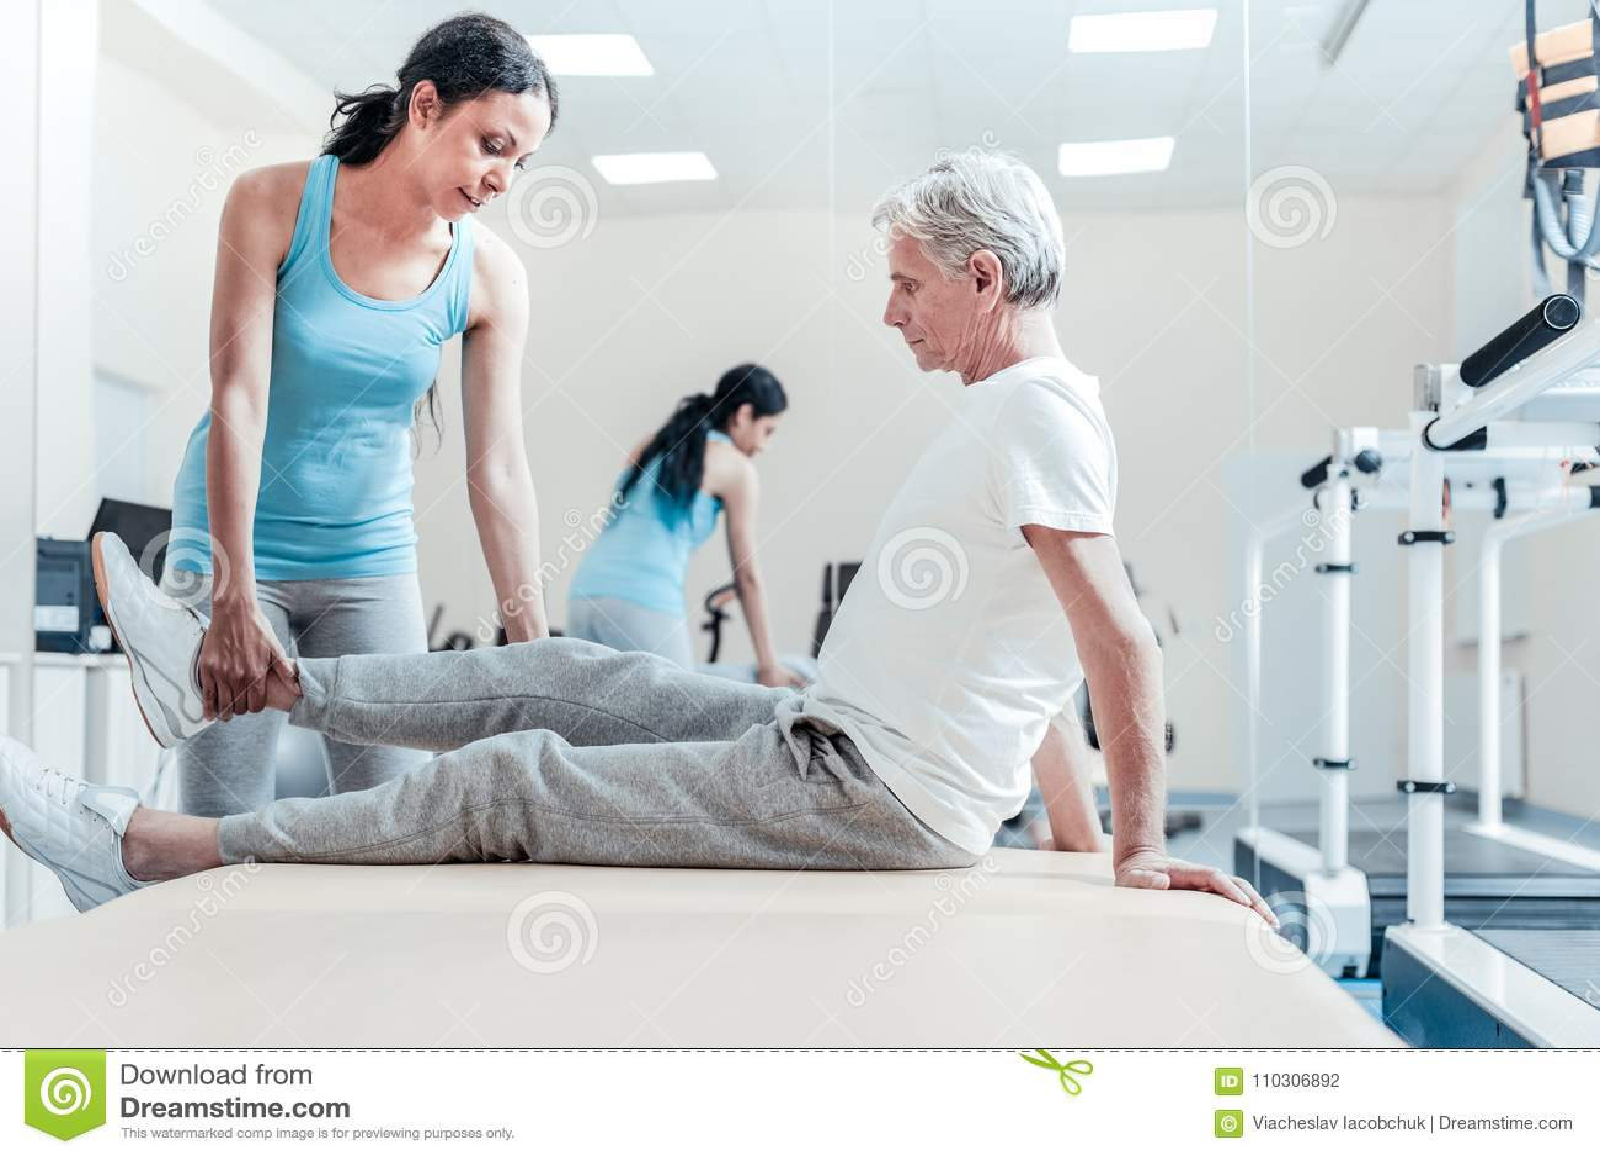 De ernstige trainer die verlamd oud opheffen bemant been